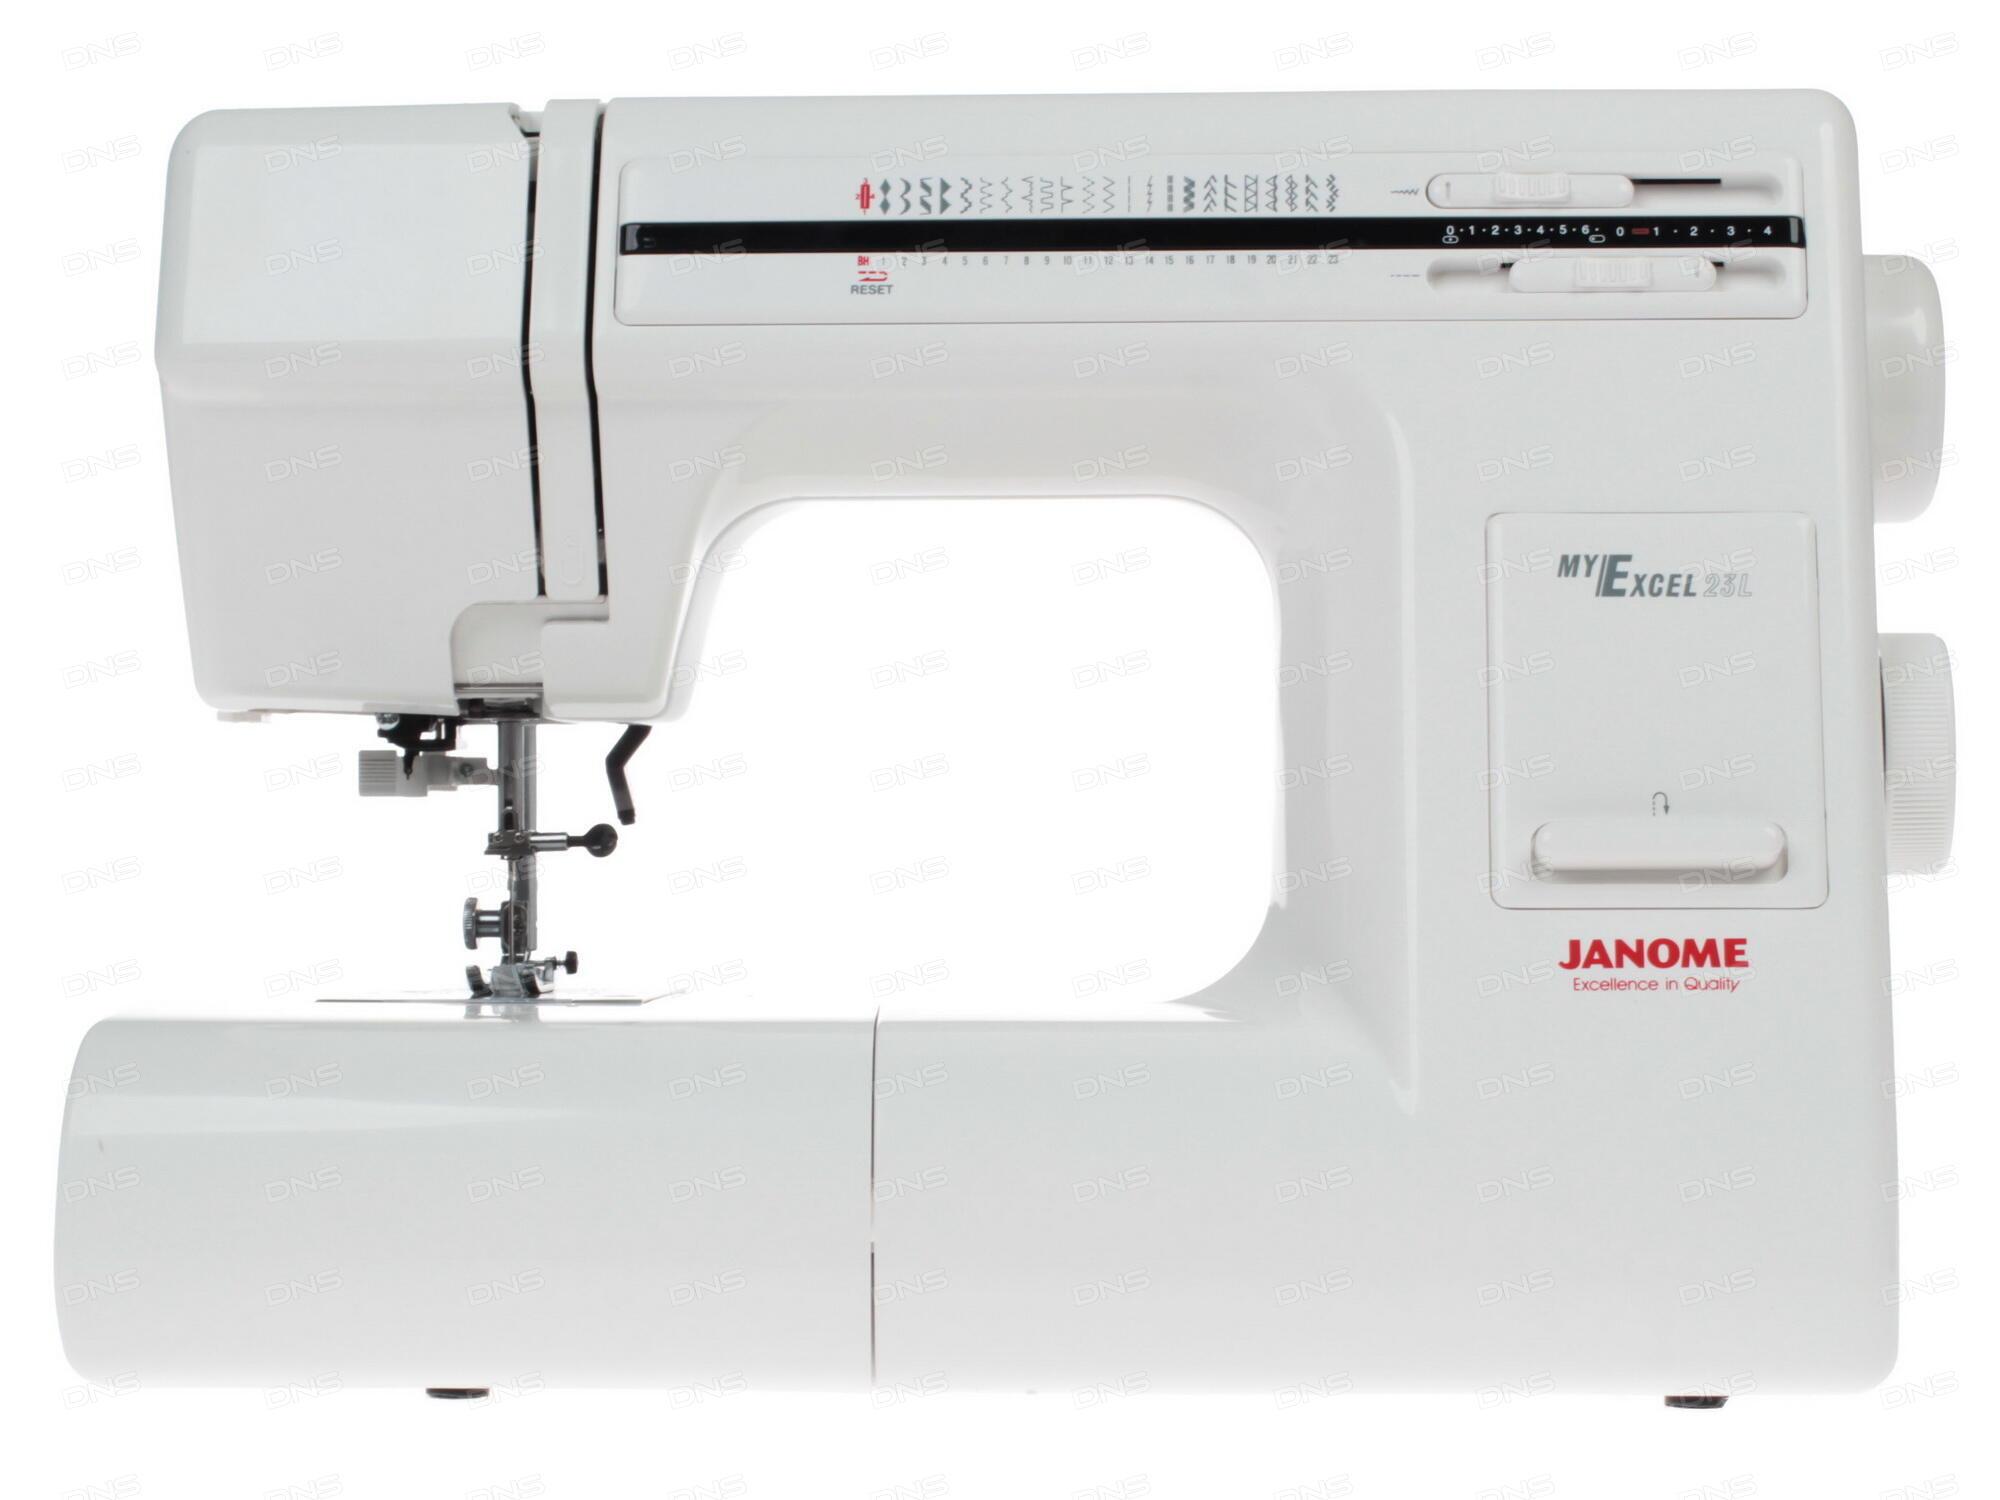 Швейная машина Janome MyExcel 1221  Отзывы покупателей